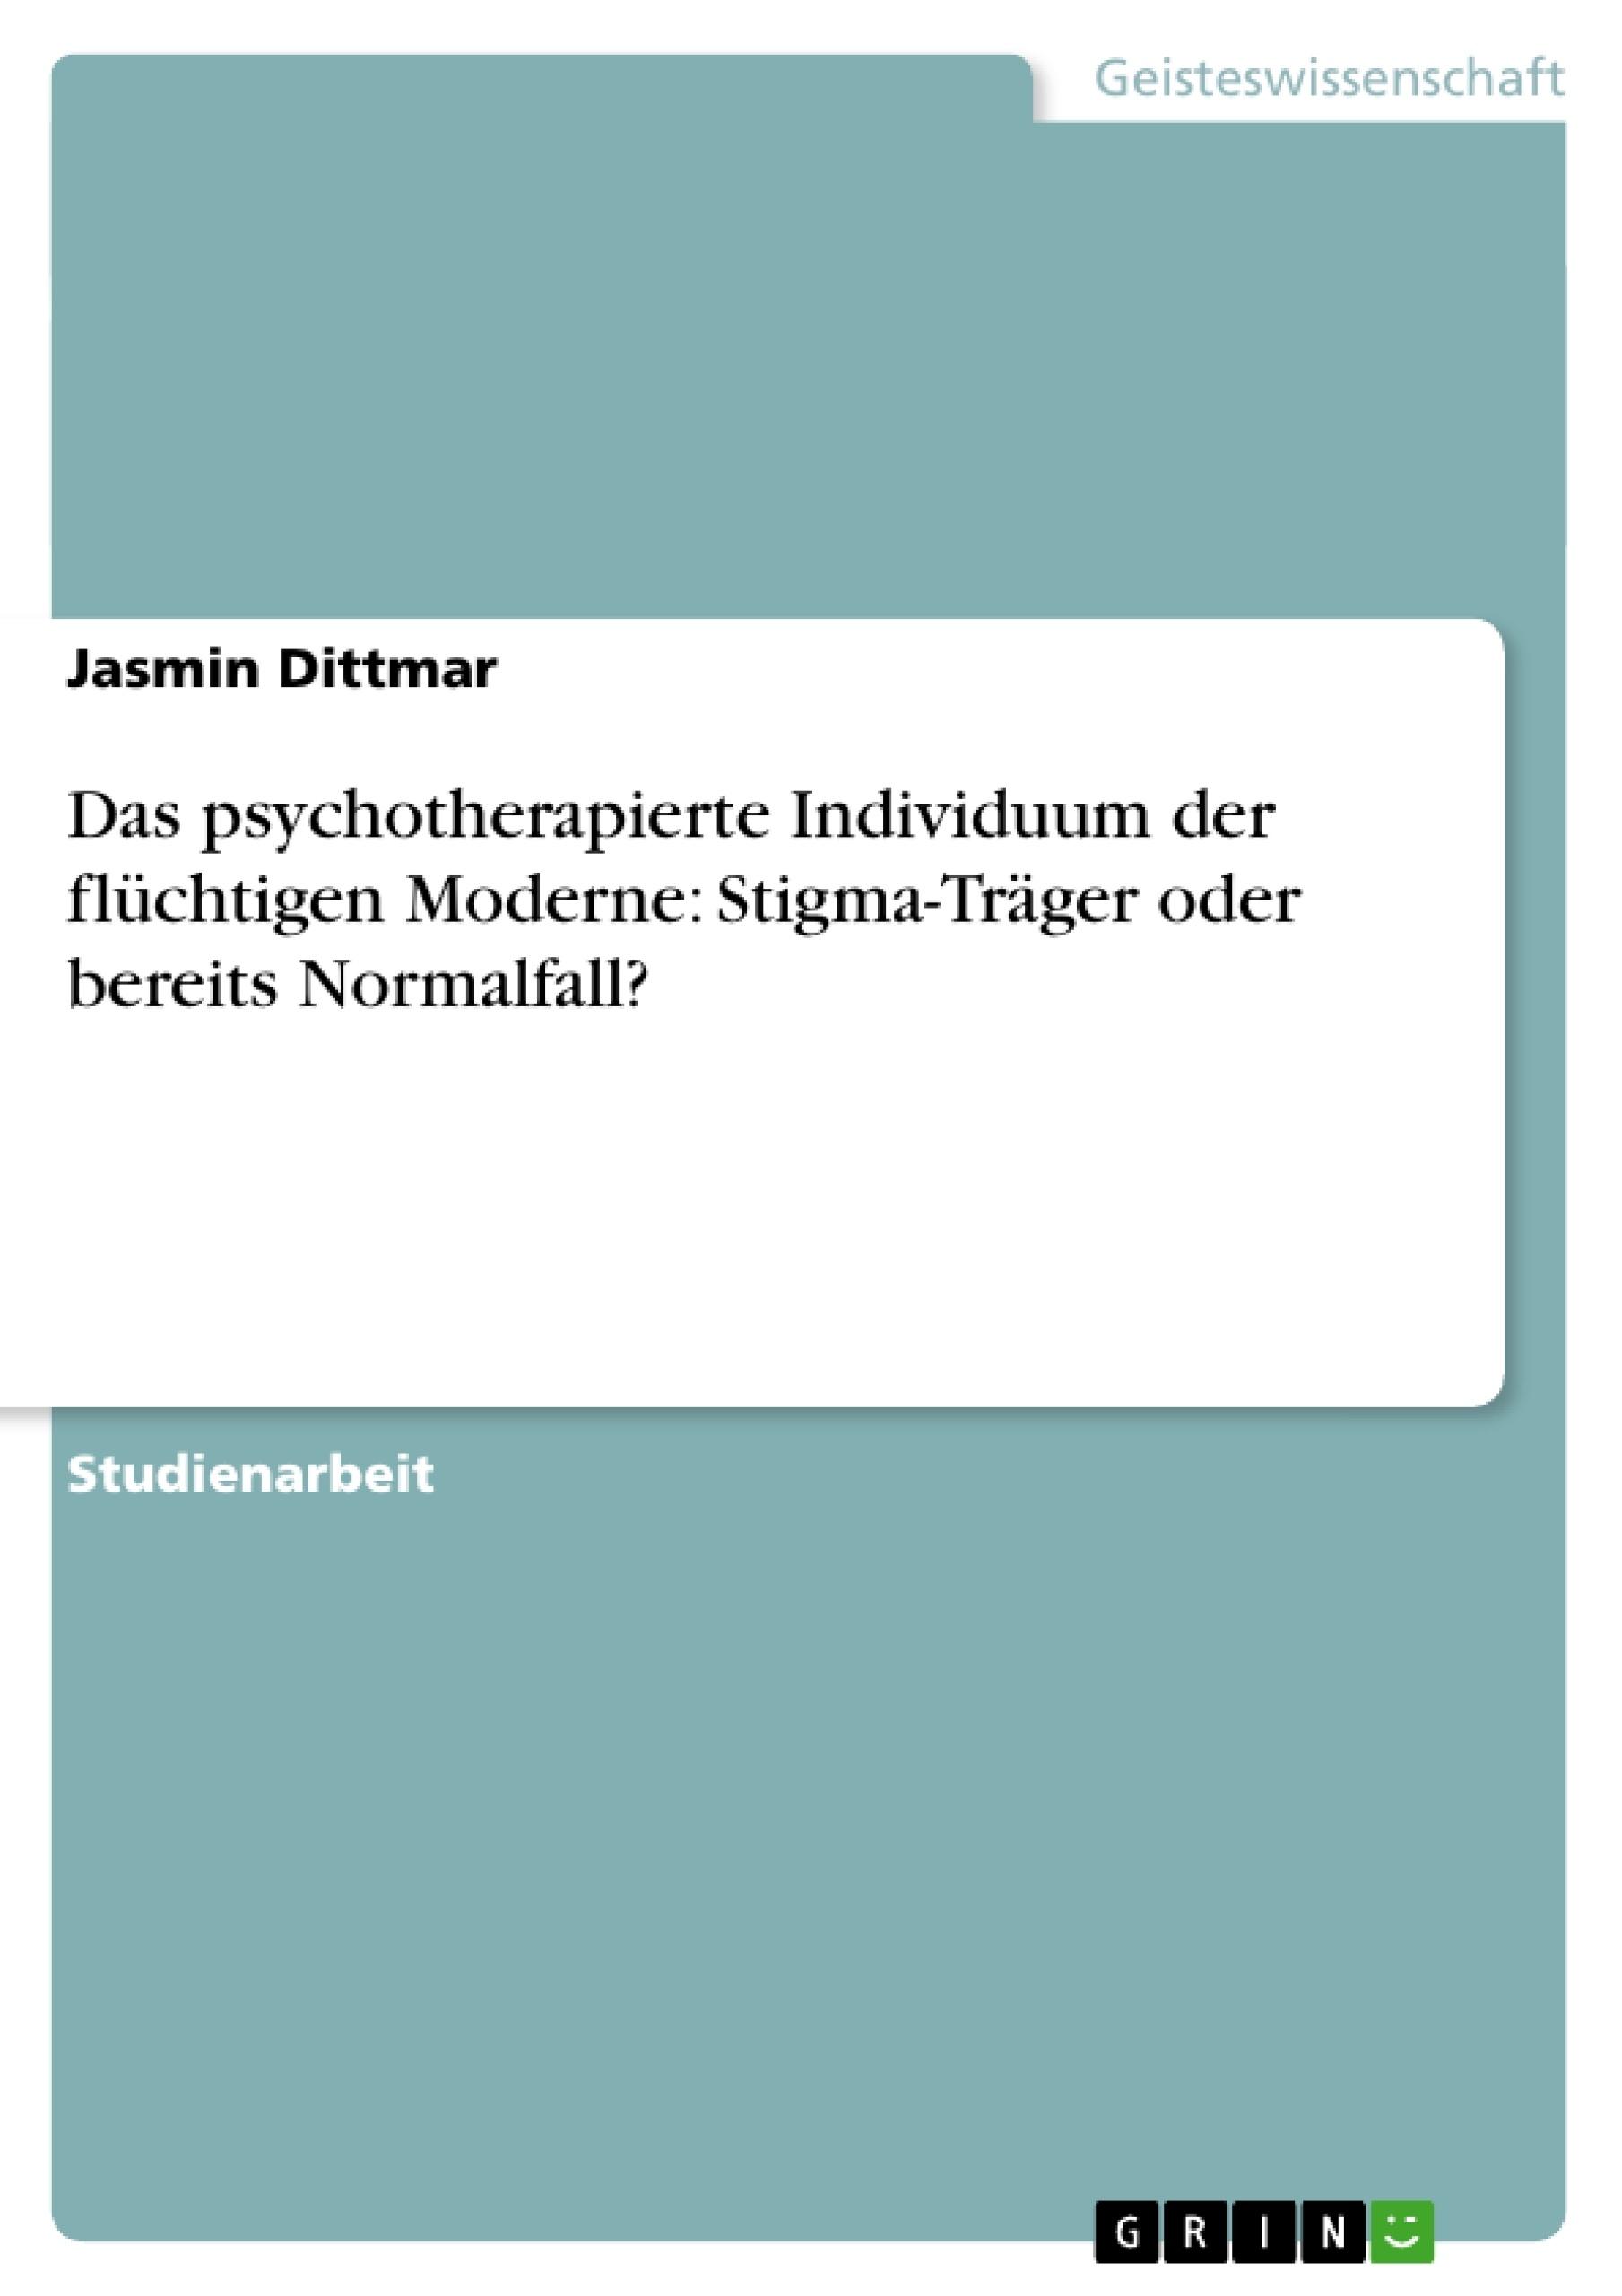 Titel: Das psychotherapierte Individuum der flüchtigen Moderne: Stigma-Träger oder bereits Normalfall?